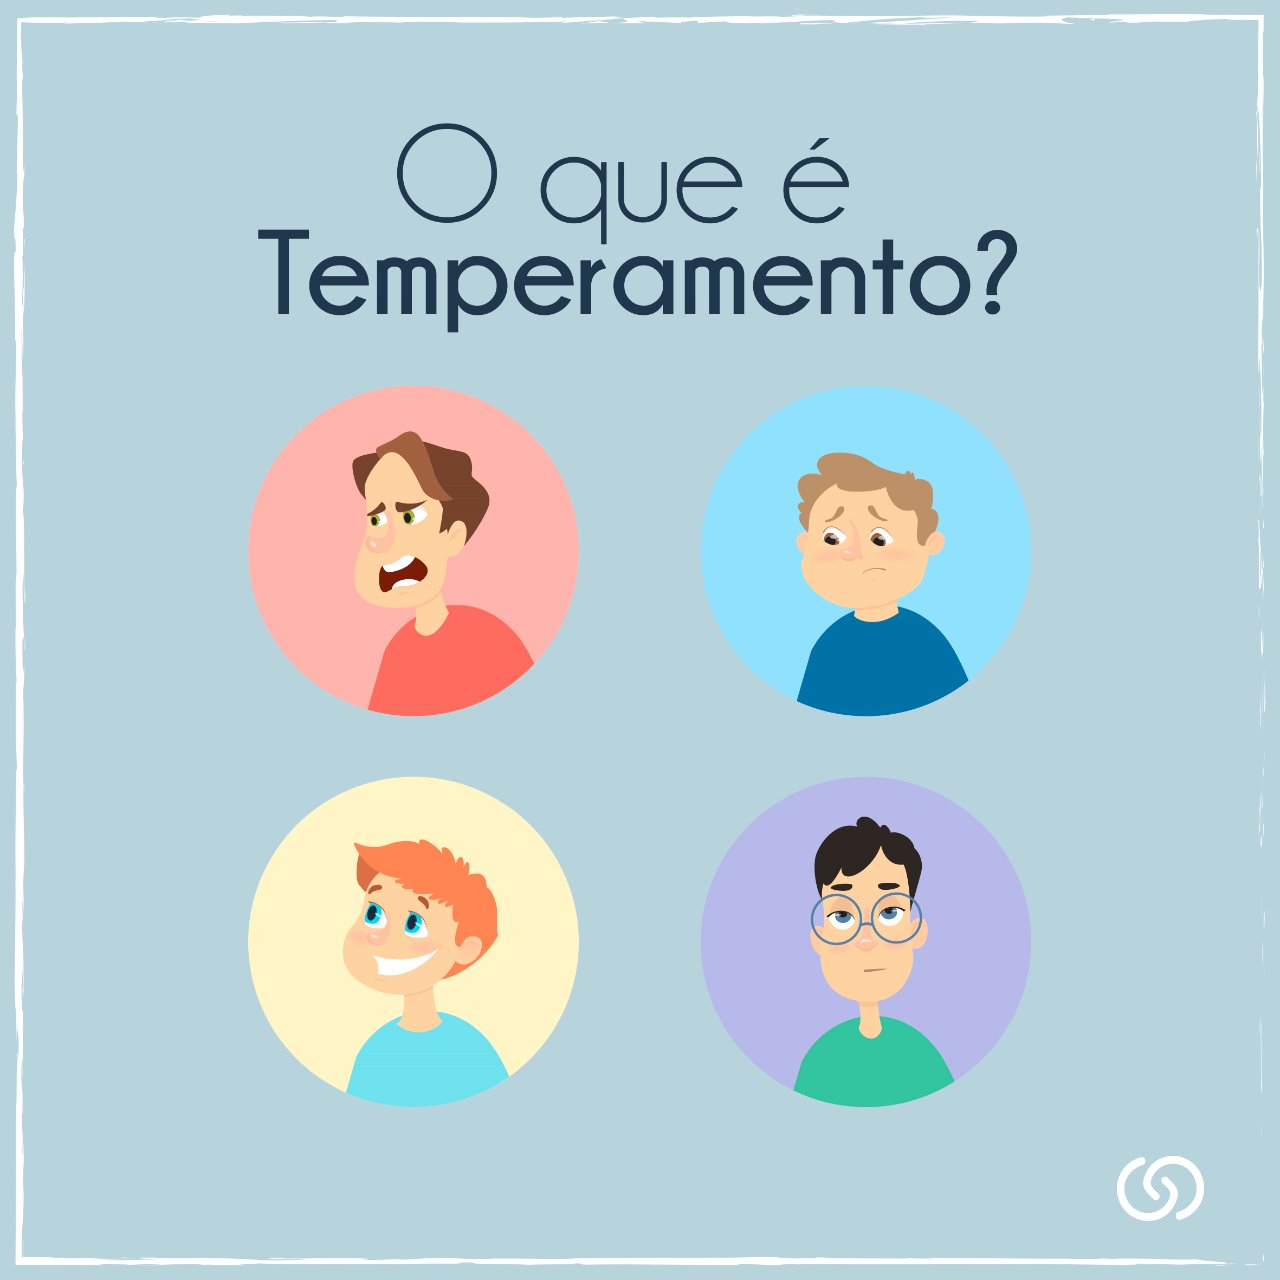 Temperamento: o que é